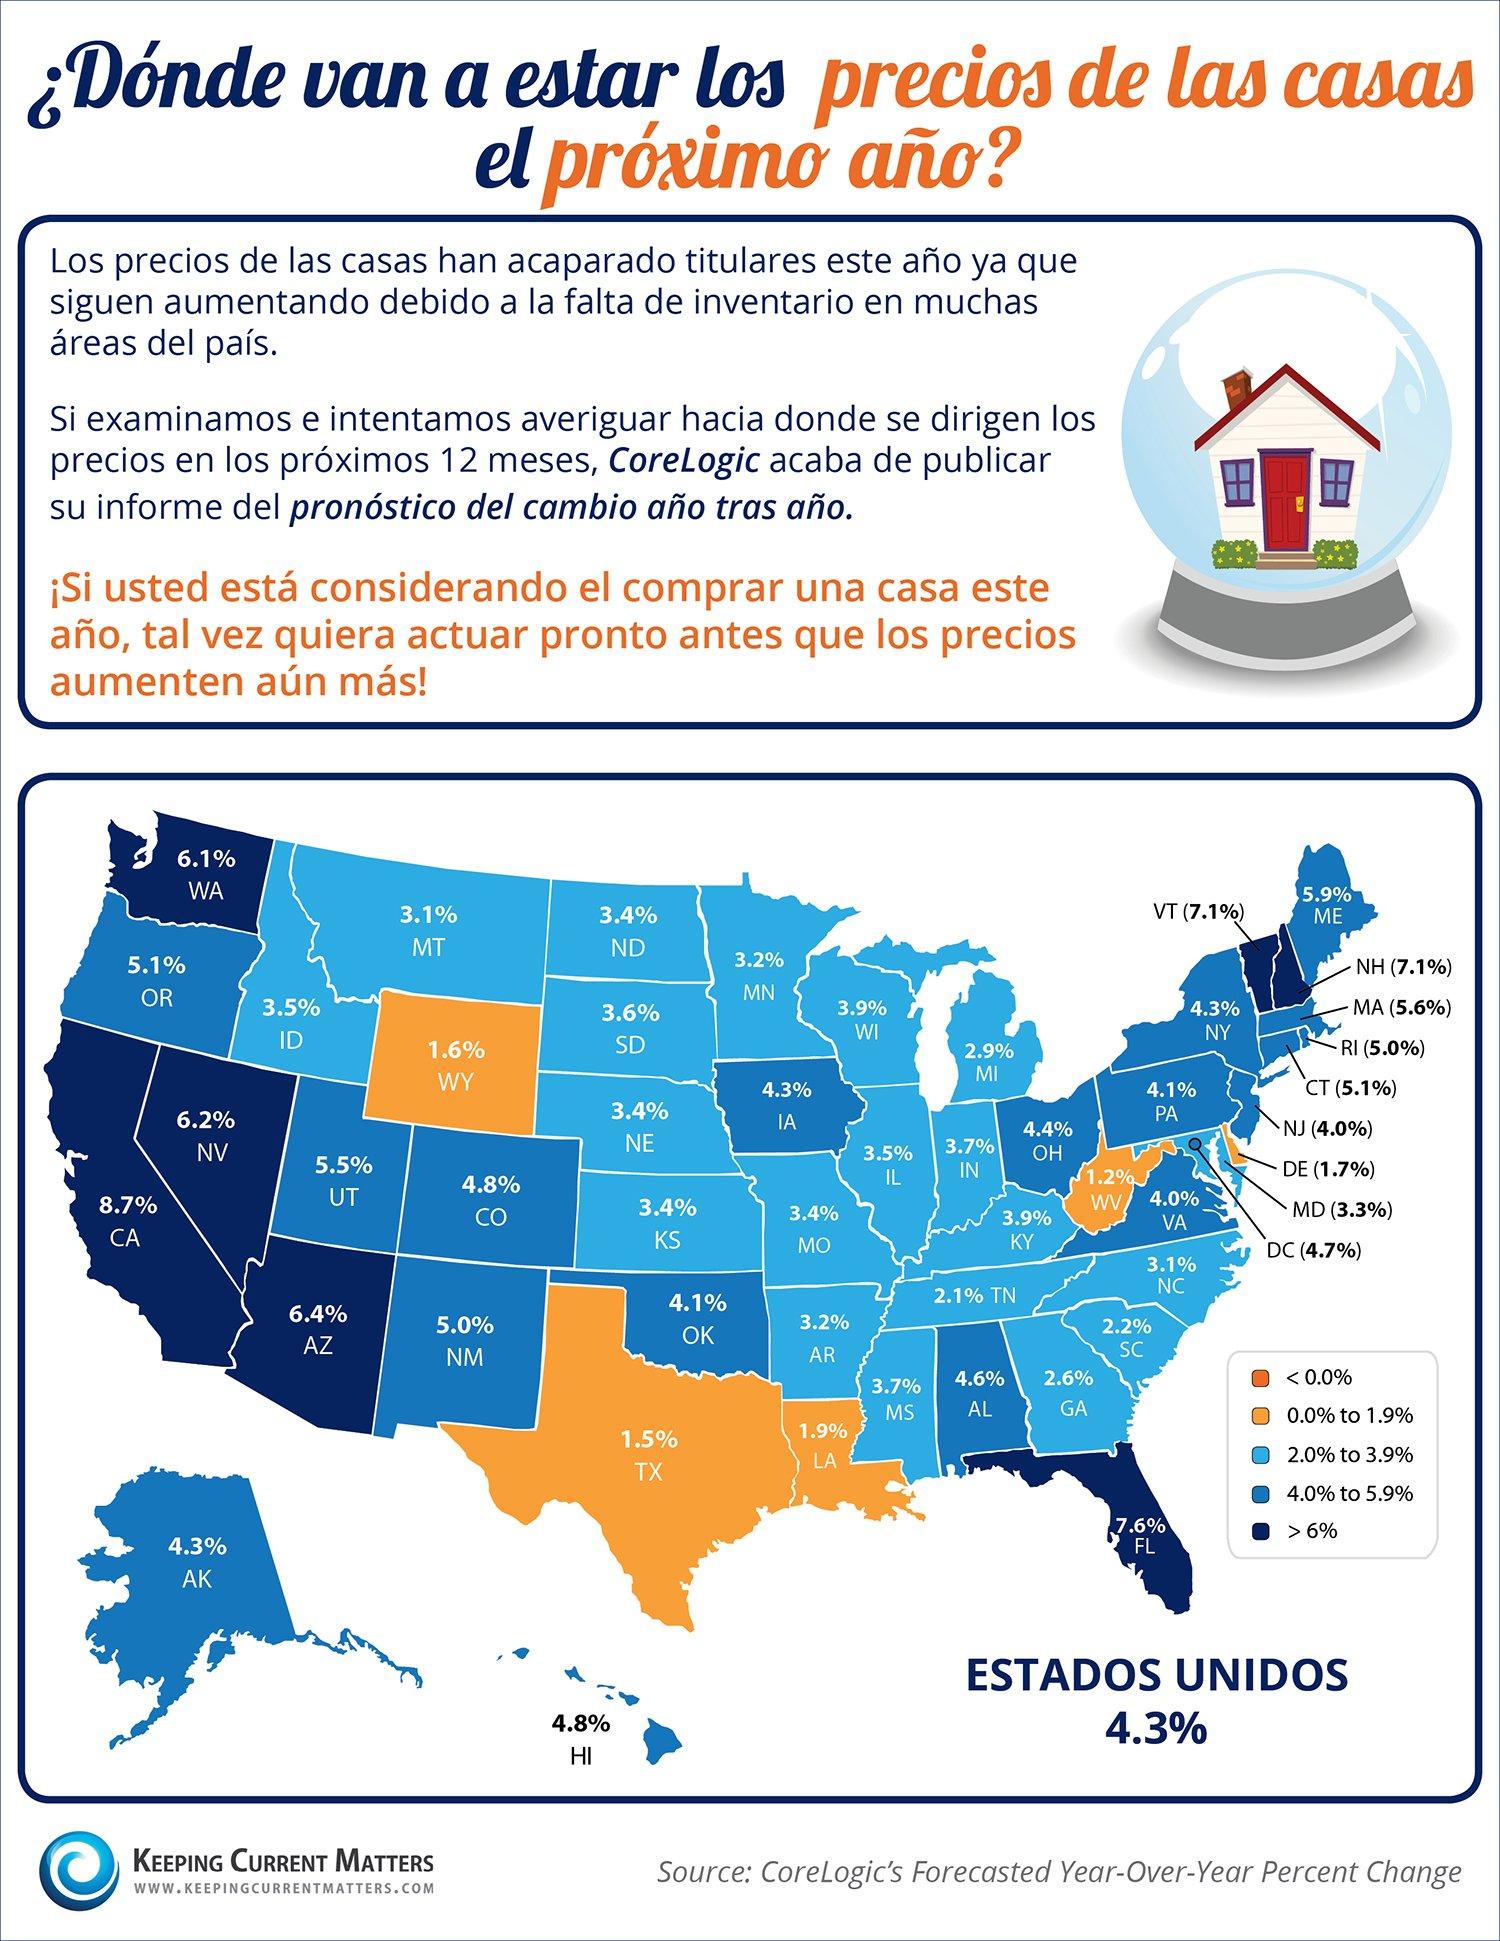 ¿Dónde van a estar los precios de las casas el próximo año? [INFOGRAFíA]  | Keeping Current Matters